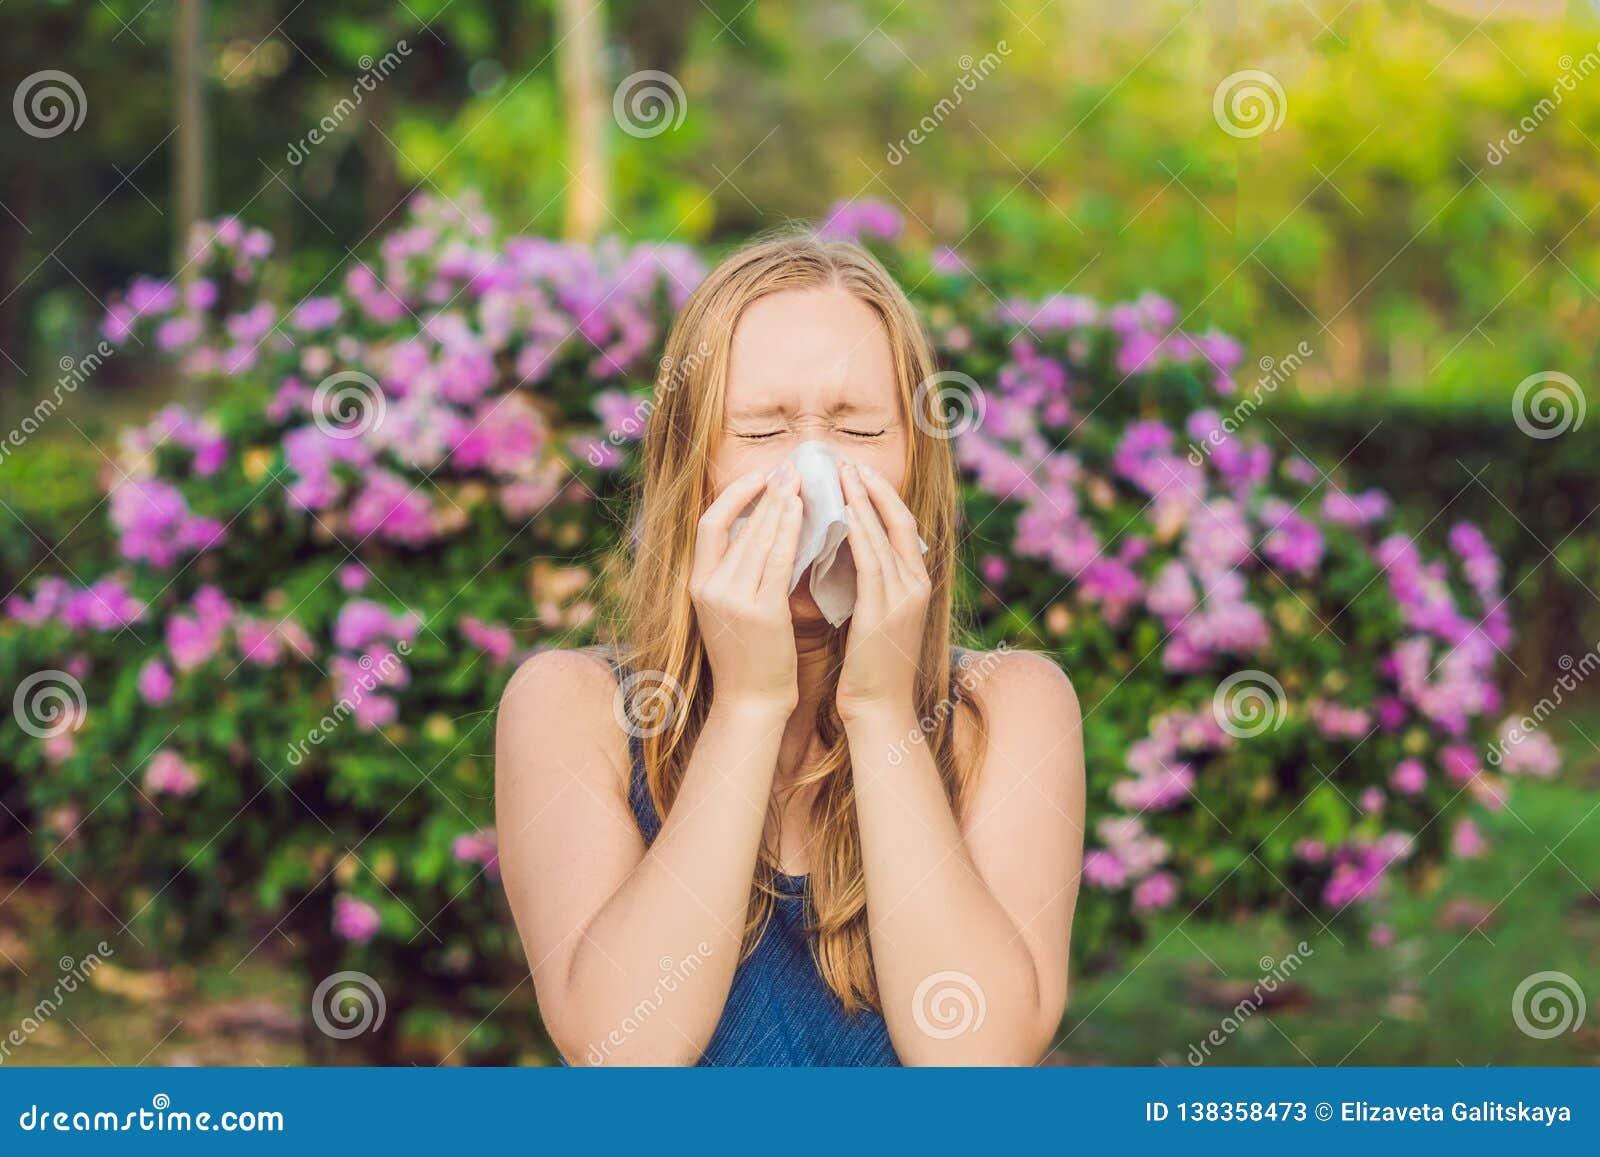 Pollen alergii pojęcie Młoda kobieta iść kichać Kwiatonośni drzewa w tle